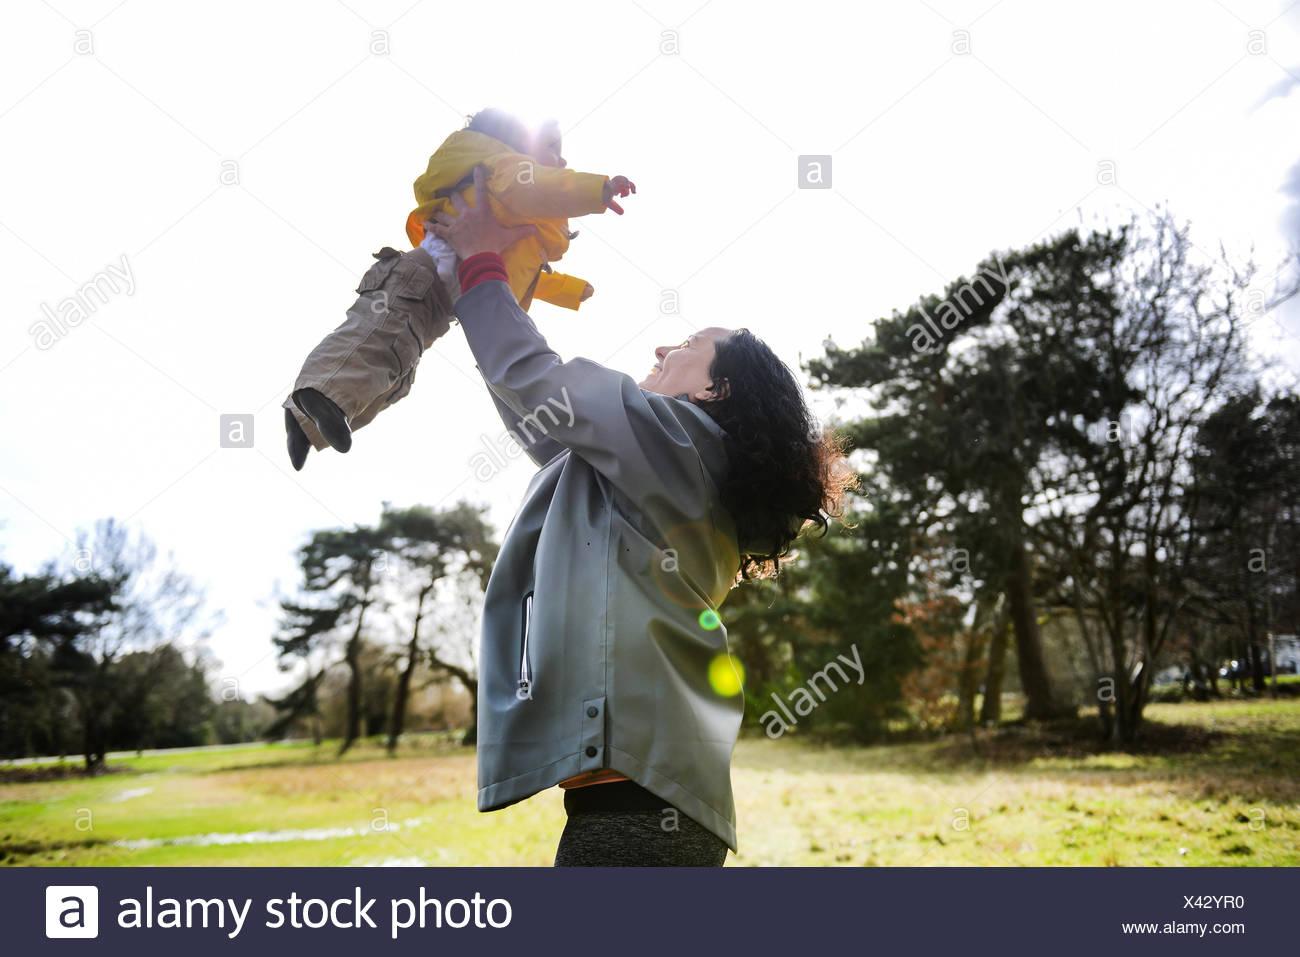 Donna matura tenendo premuto fino e giocare con il bambino figlio in posizione di parcheggio Immagini Stock